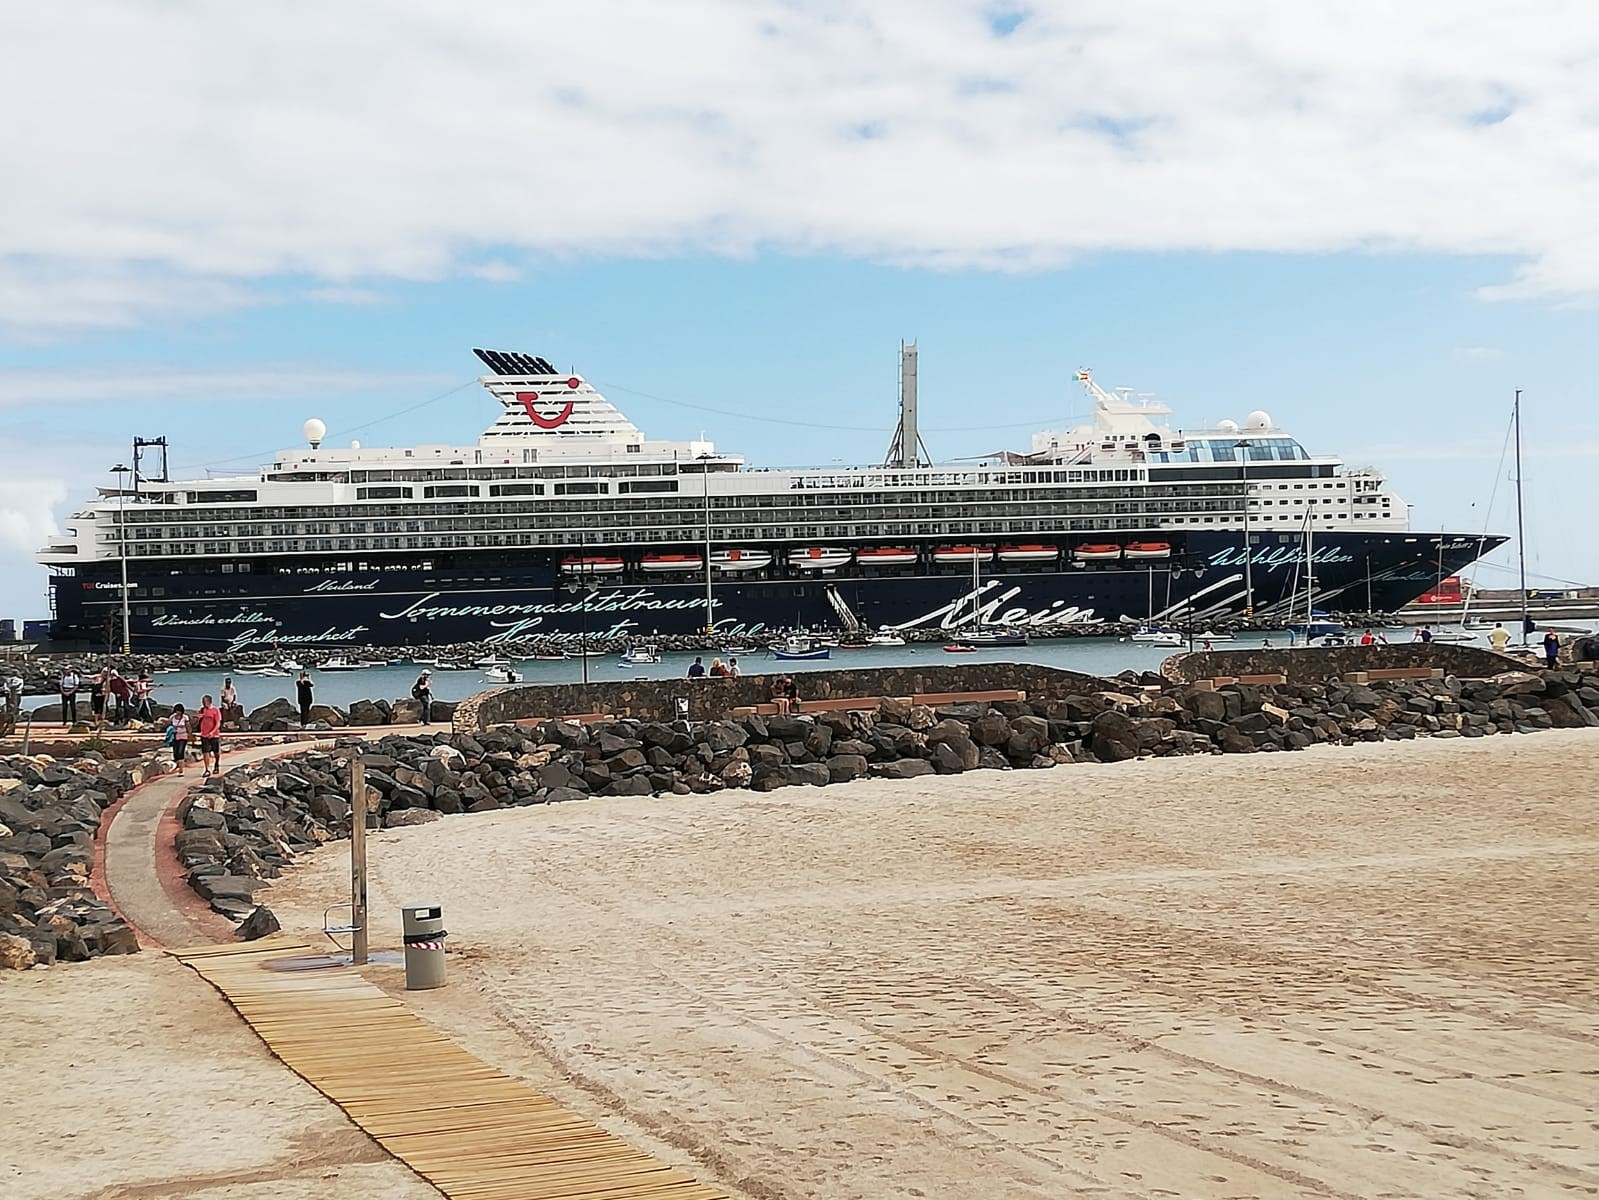 Die Mein Schiff 2, bald Mein Schiff Herz, von TUI Cruises